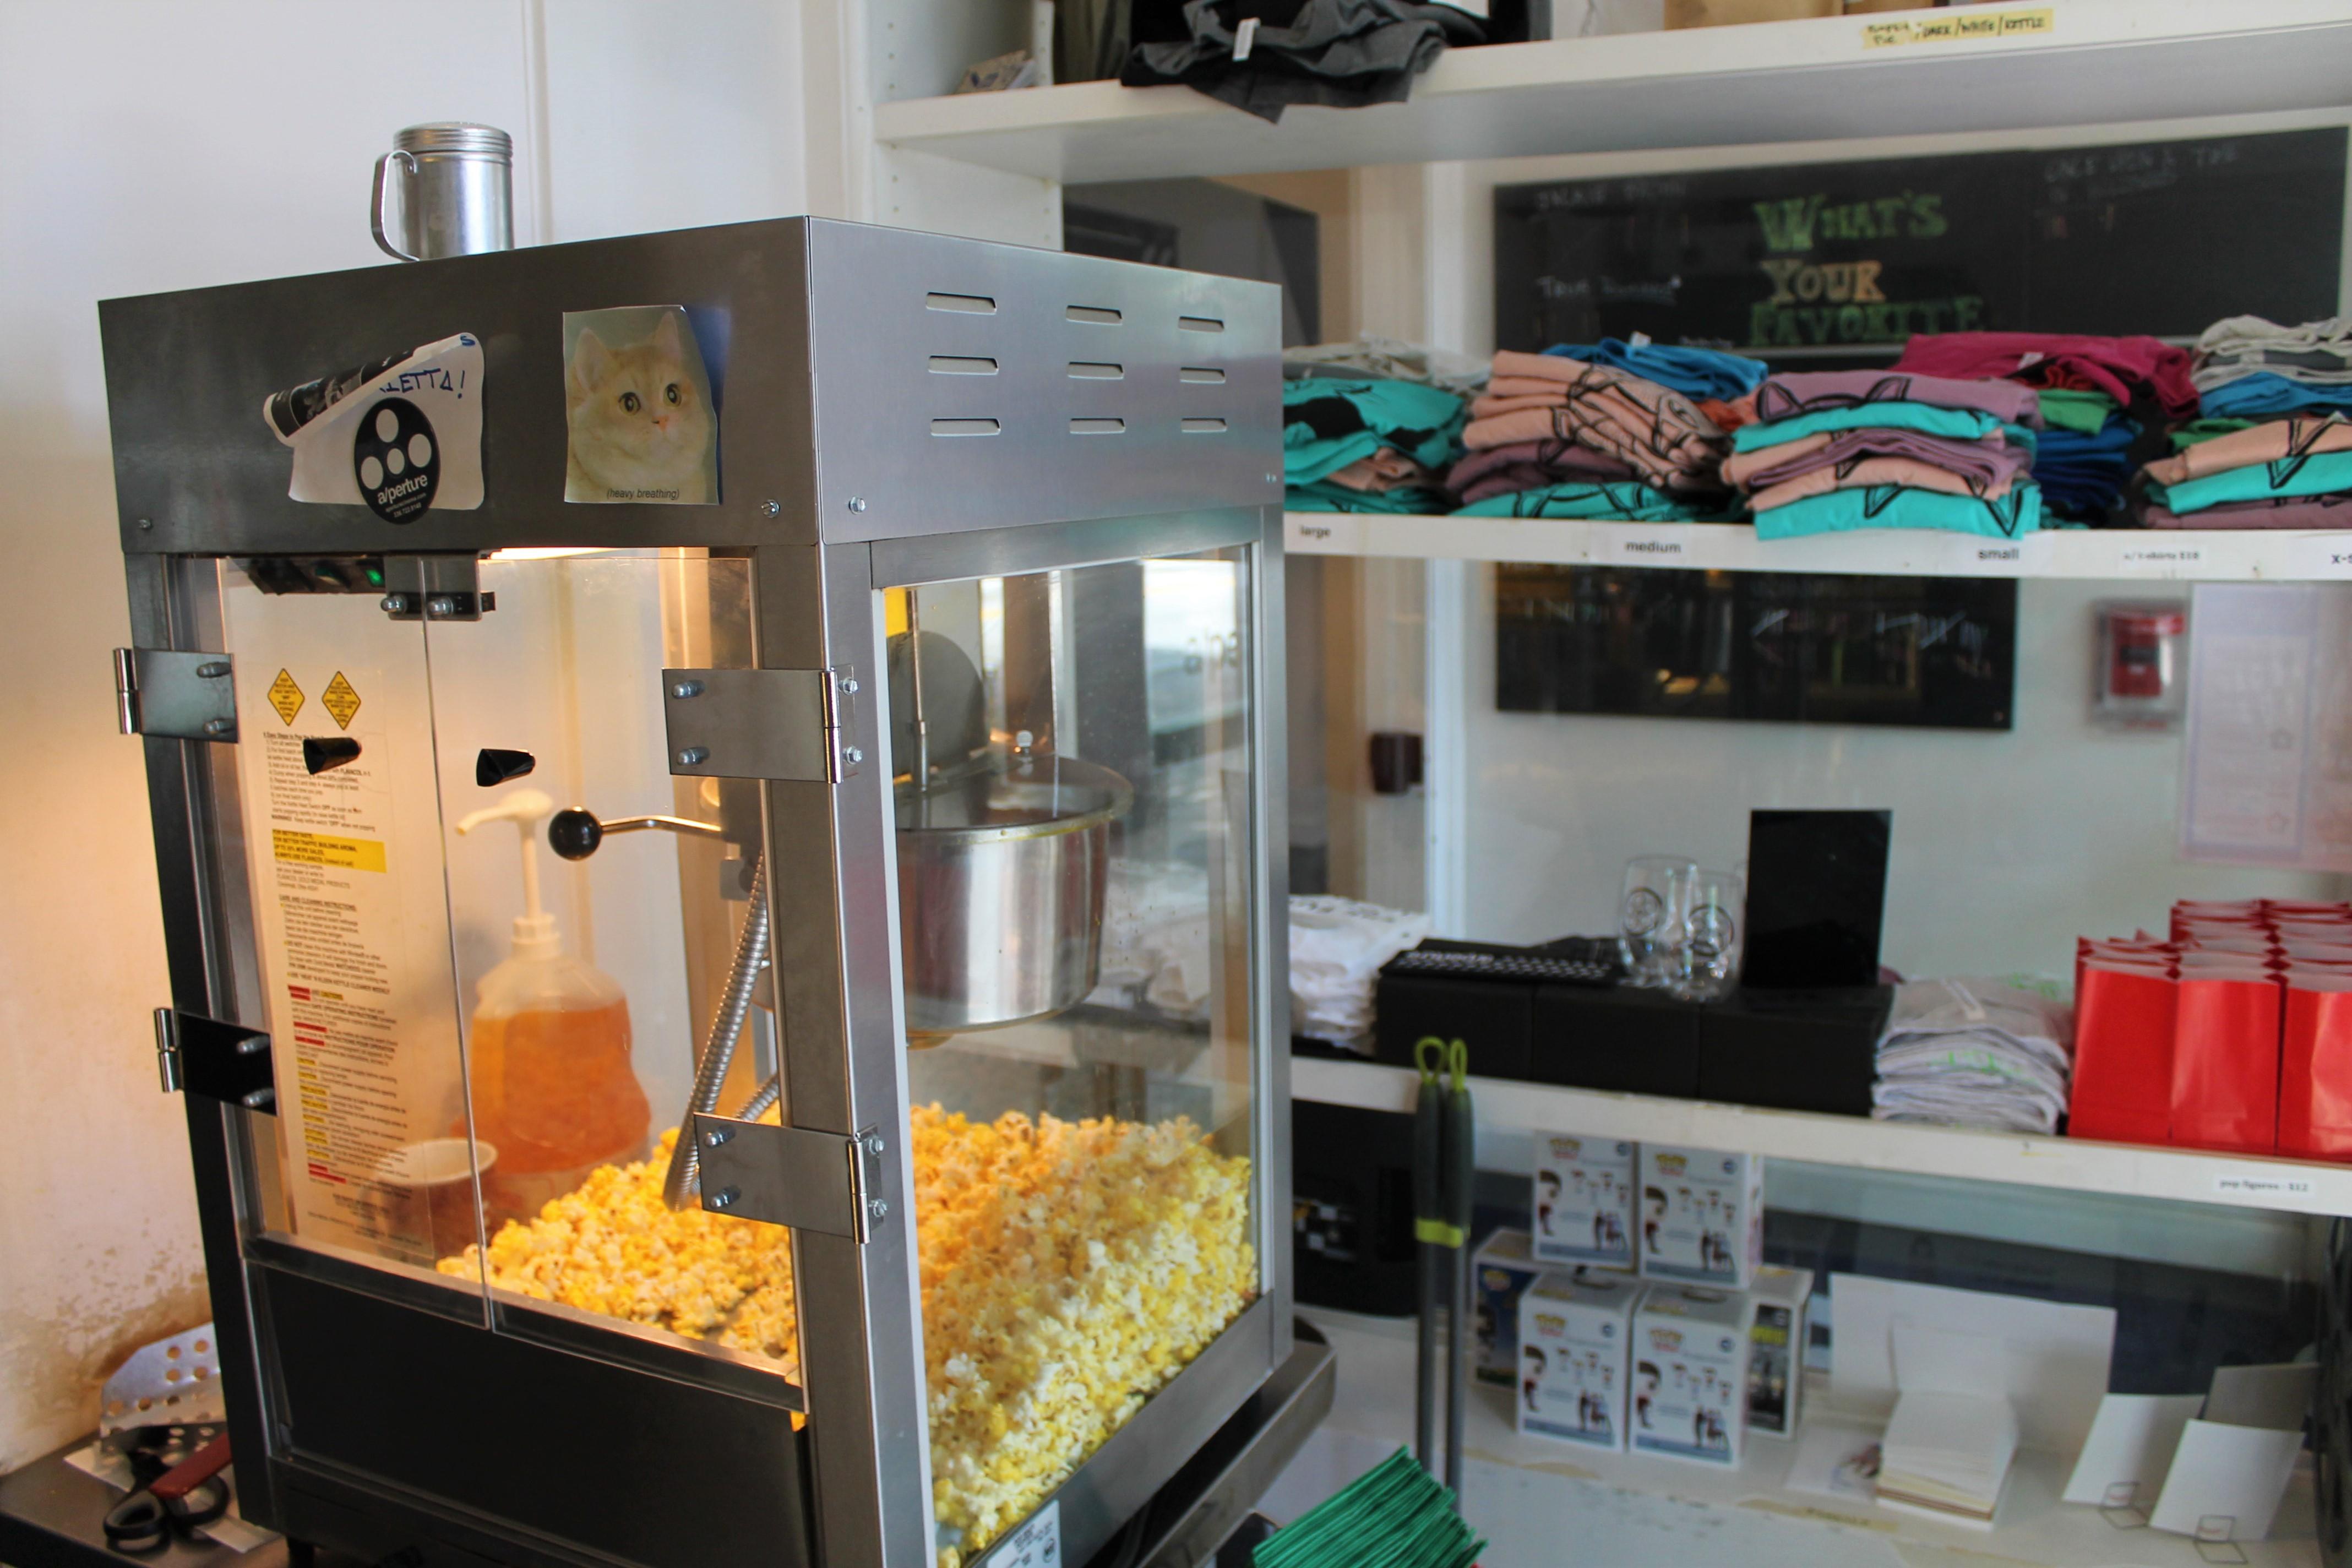 popcorn machine and merchandise